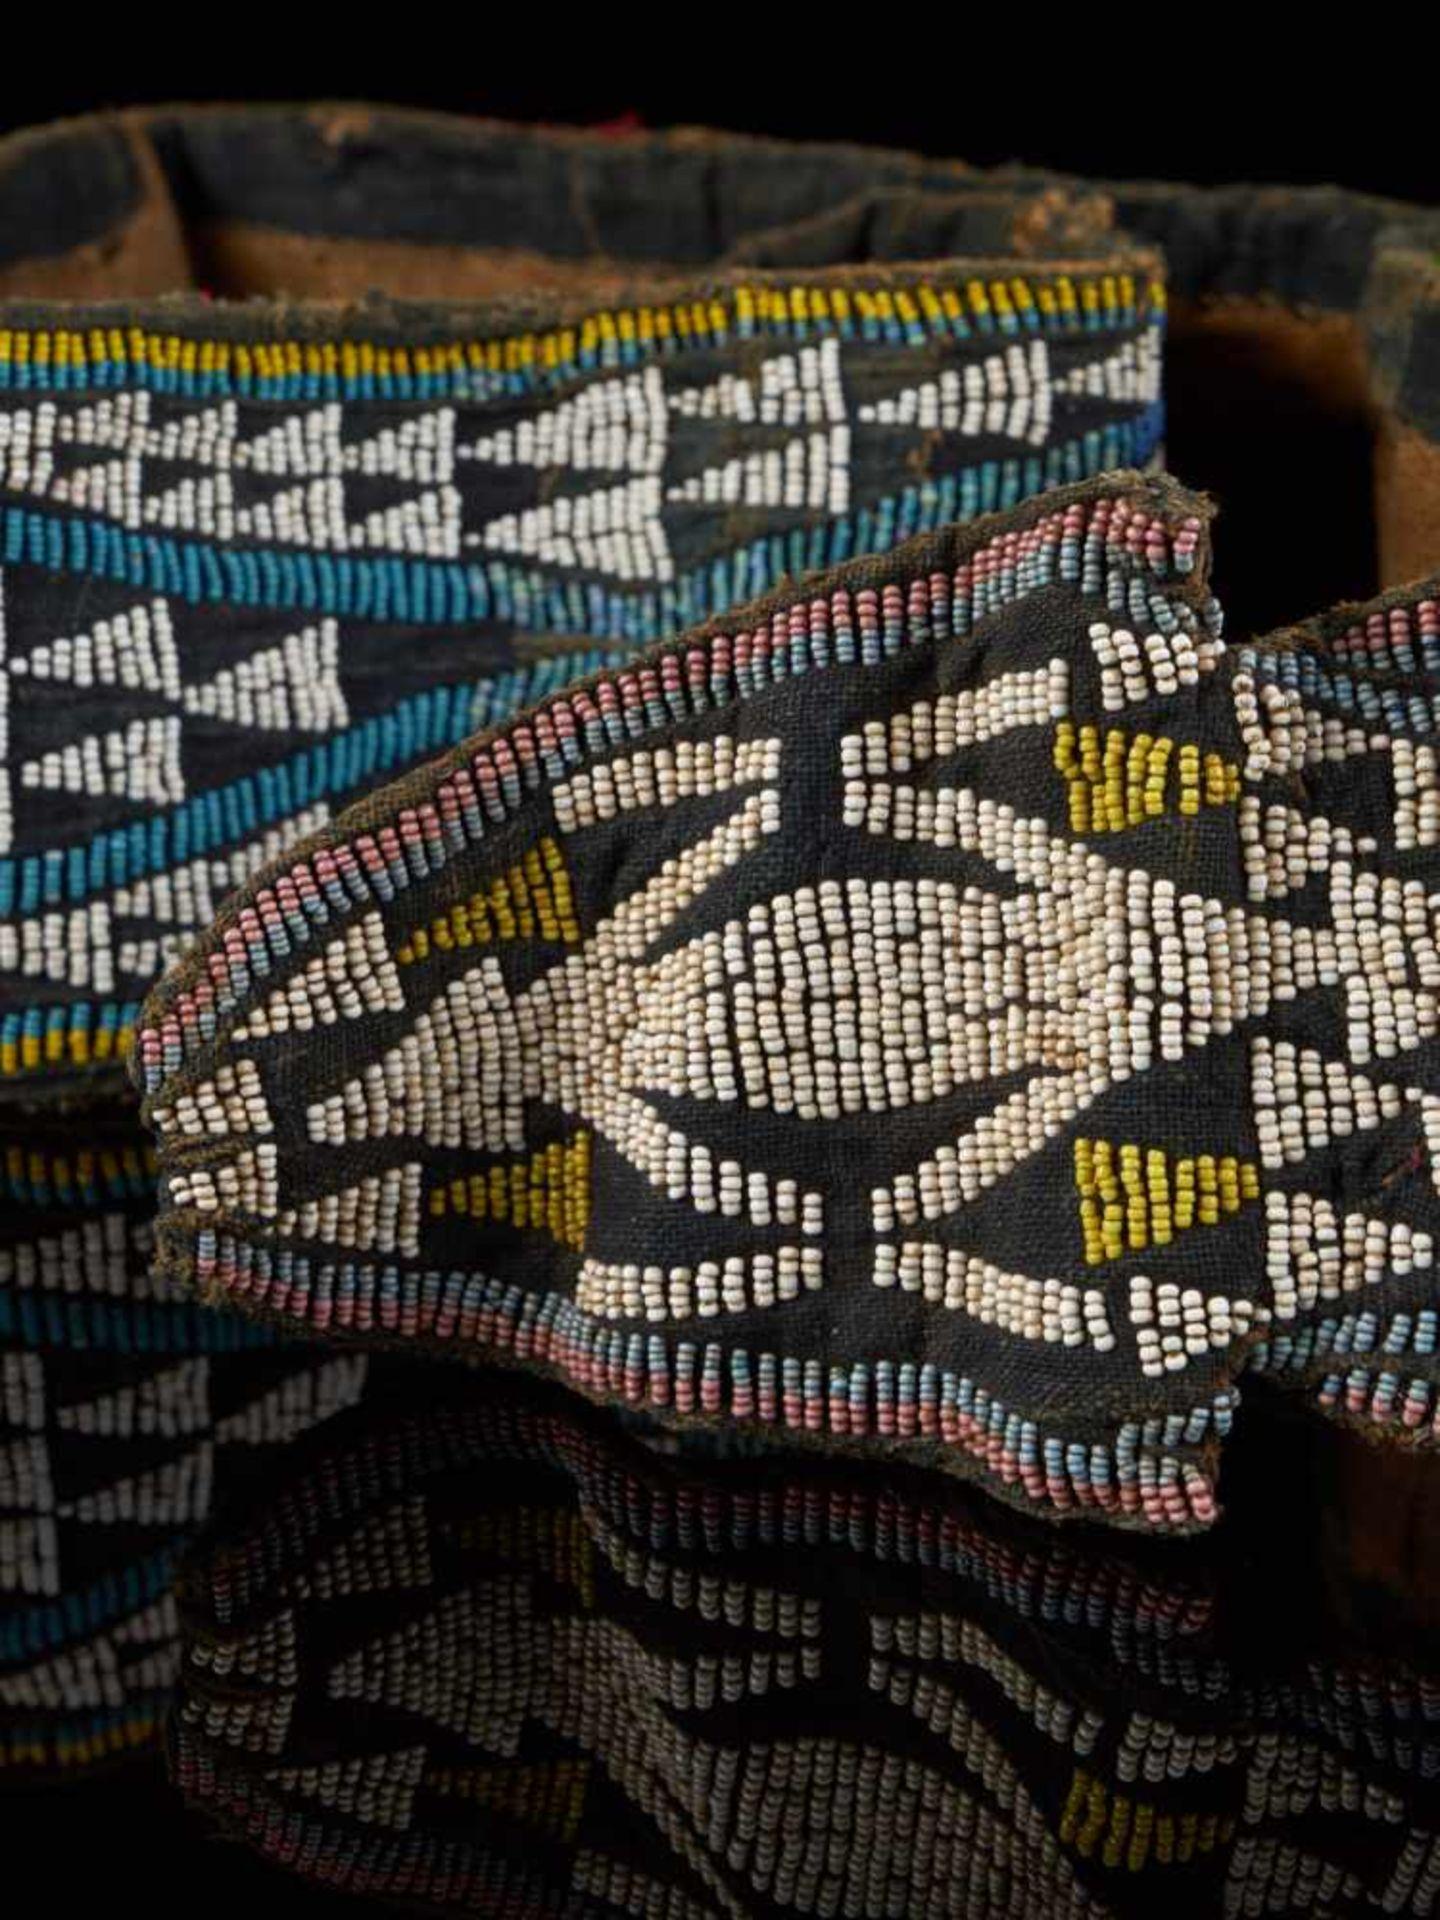 Beaded Double Headed Snake Belt - Tribal ArtThe double headed snake is the symbol of the Bamum - Bild 4 aus 6